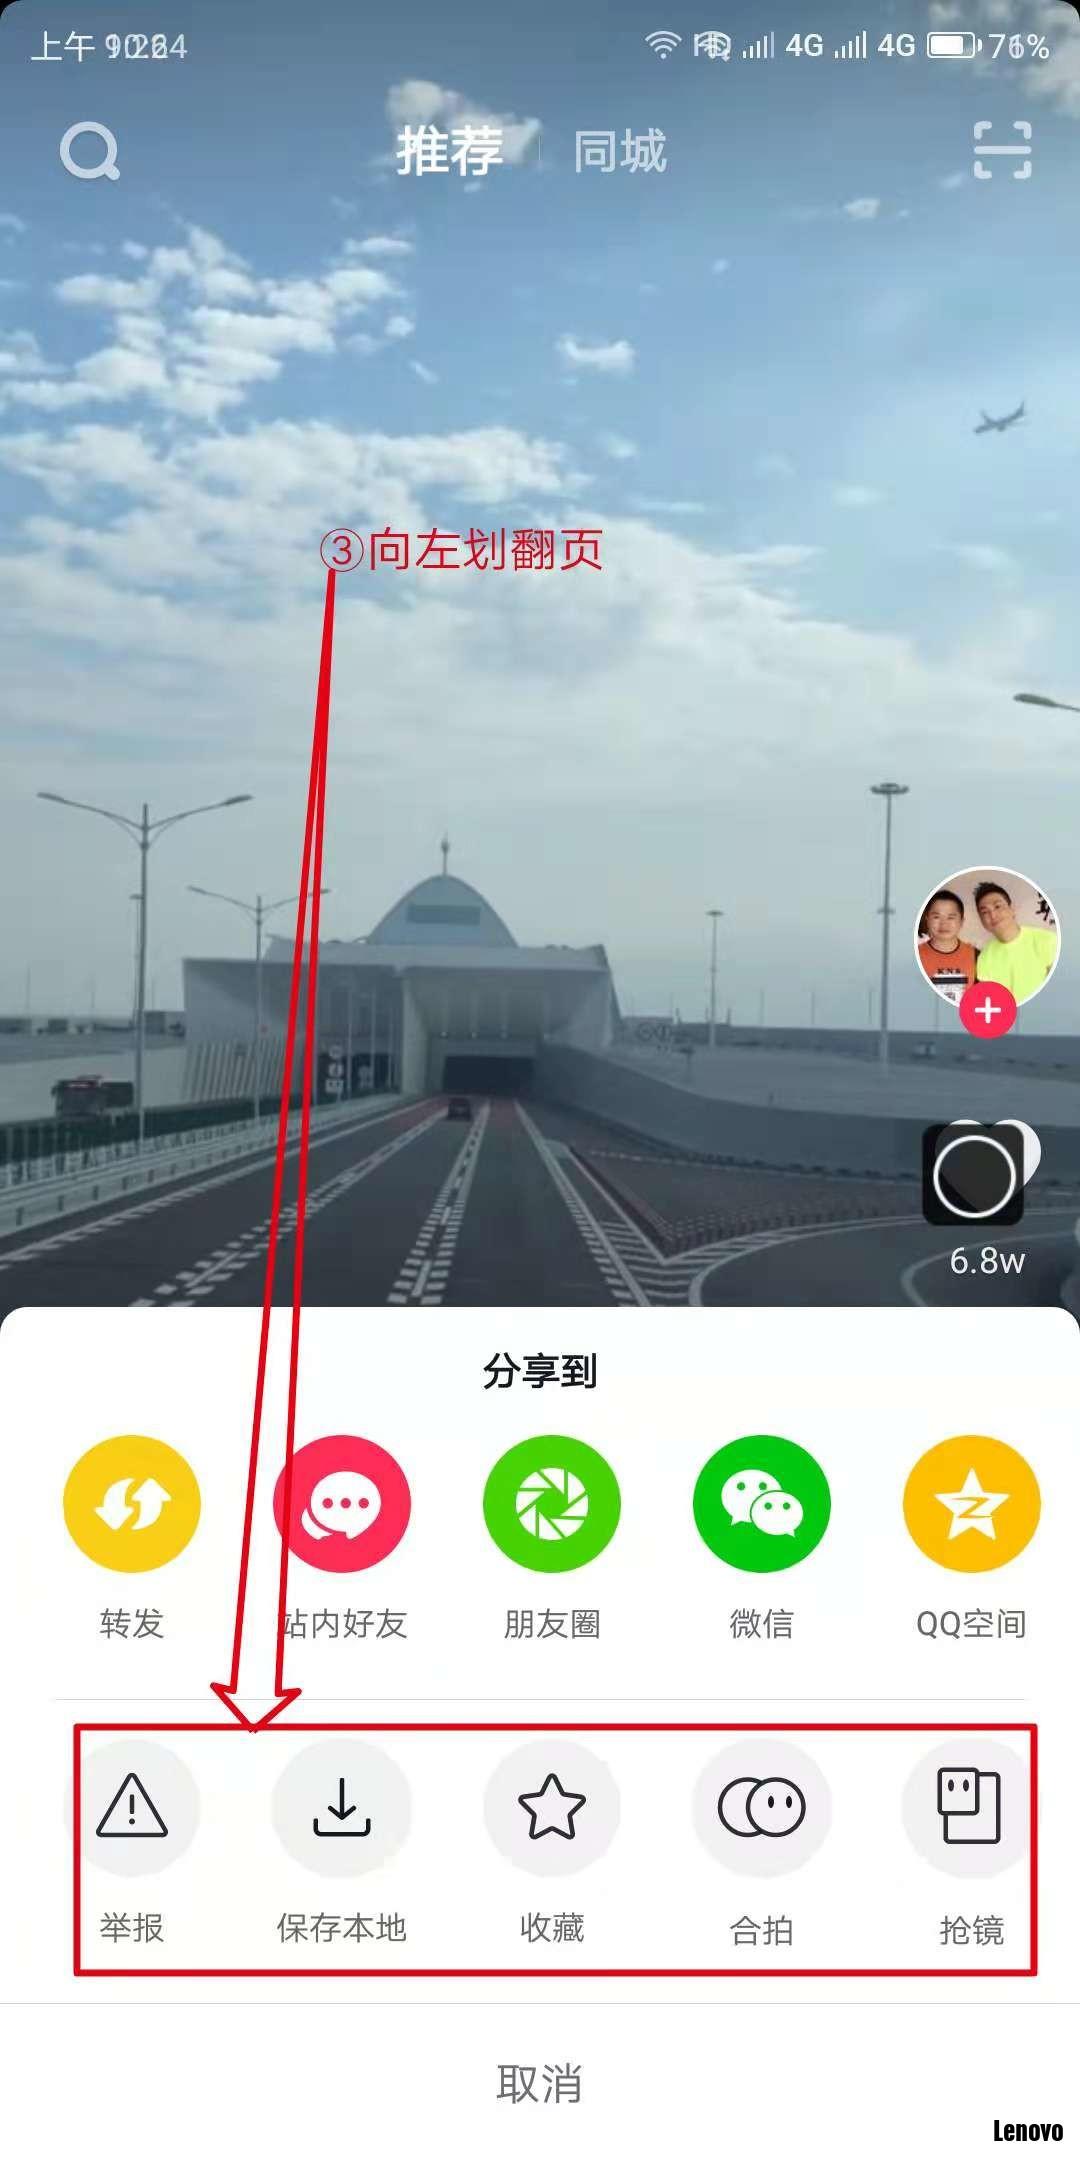 微信图片_20181201103251.jpg